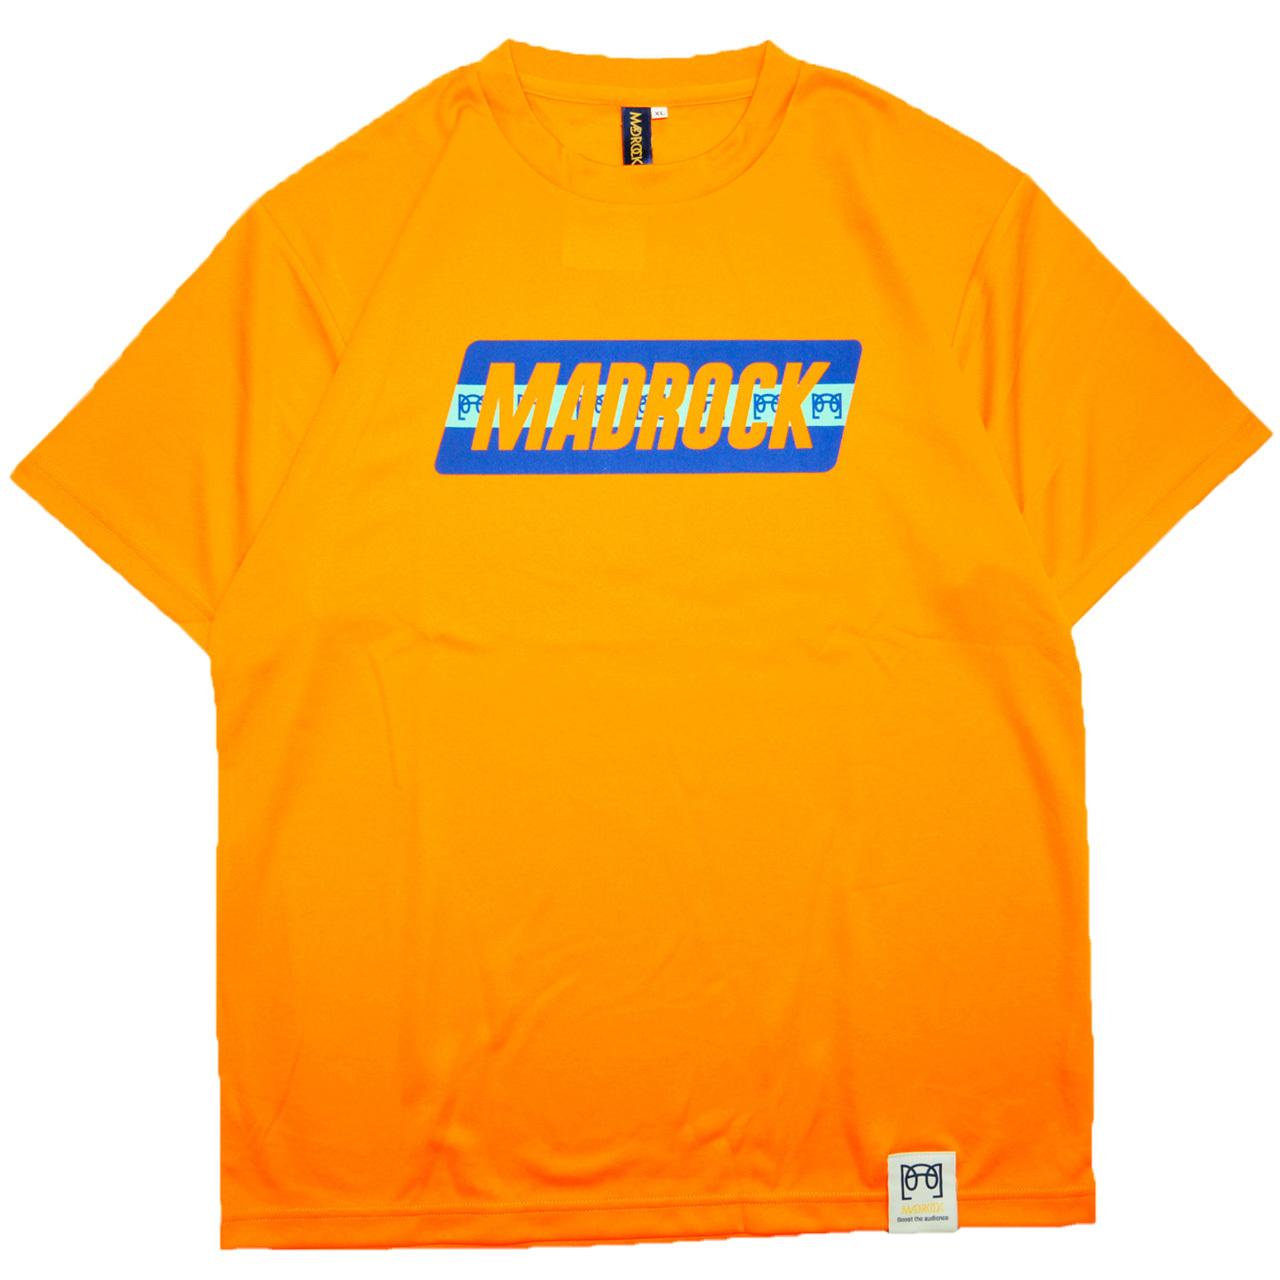 マッドロック - ブレインボール - Tシャツ / ドライタイプ / オレンジ / MADROCK - BrainBall - TEE